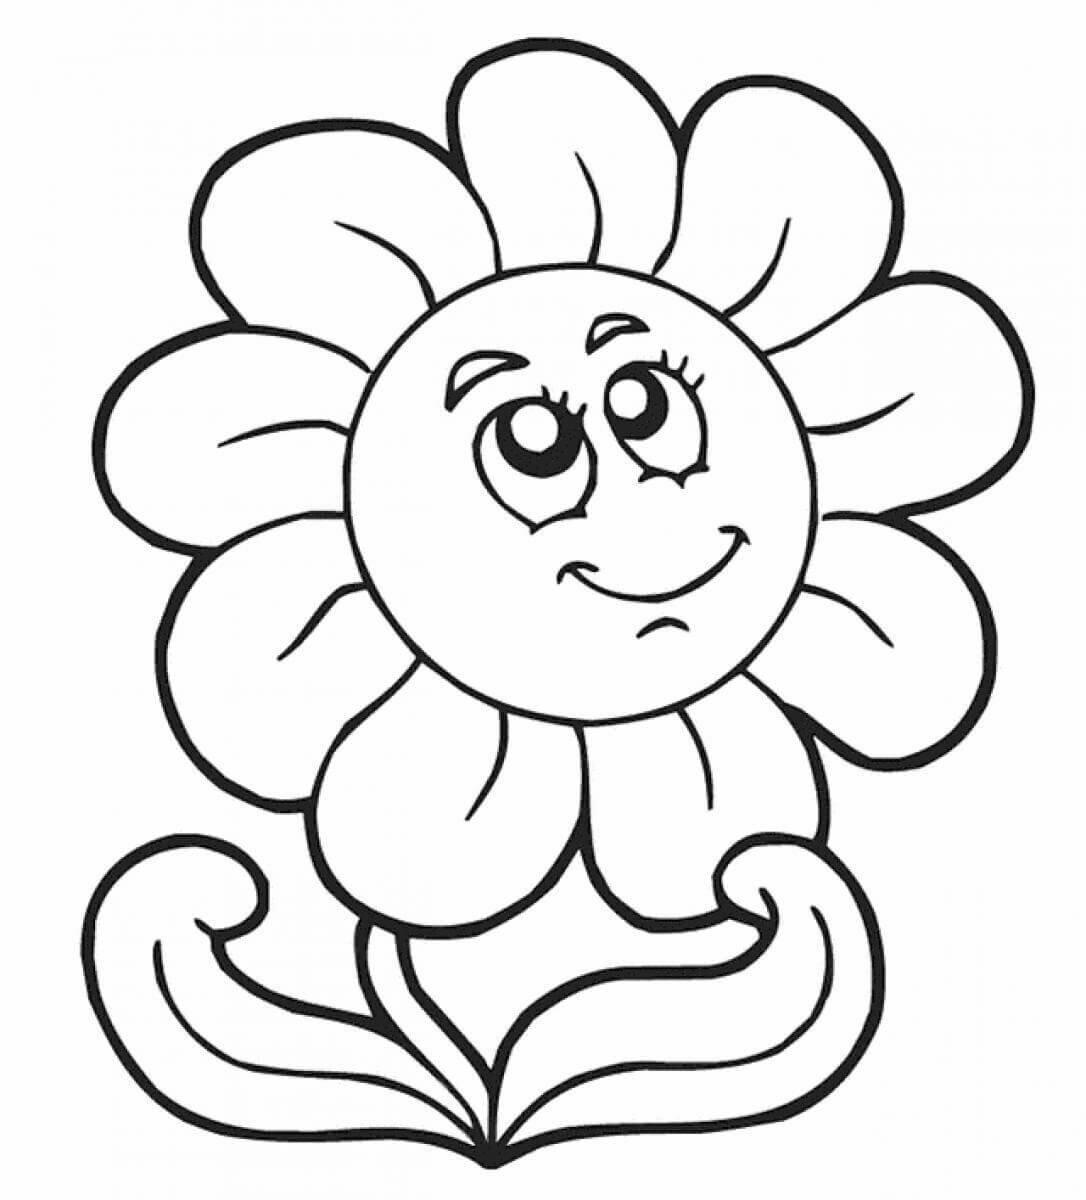 «Раскраска Цветы крупные - детские раскраски распечатать ...